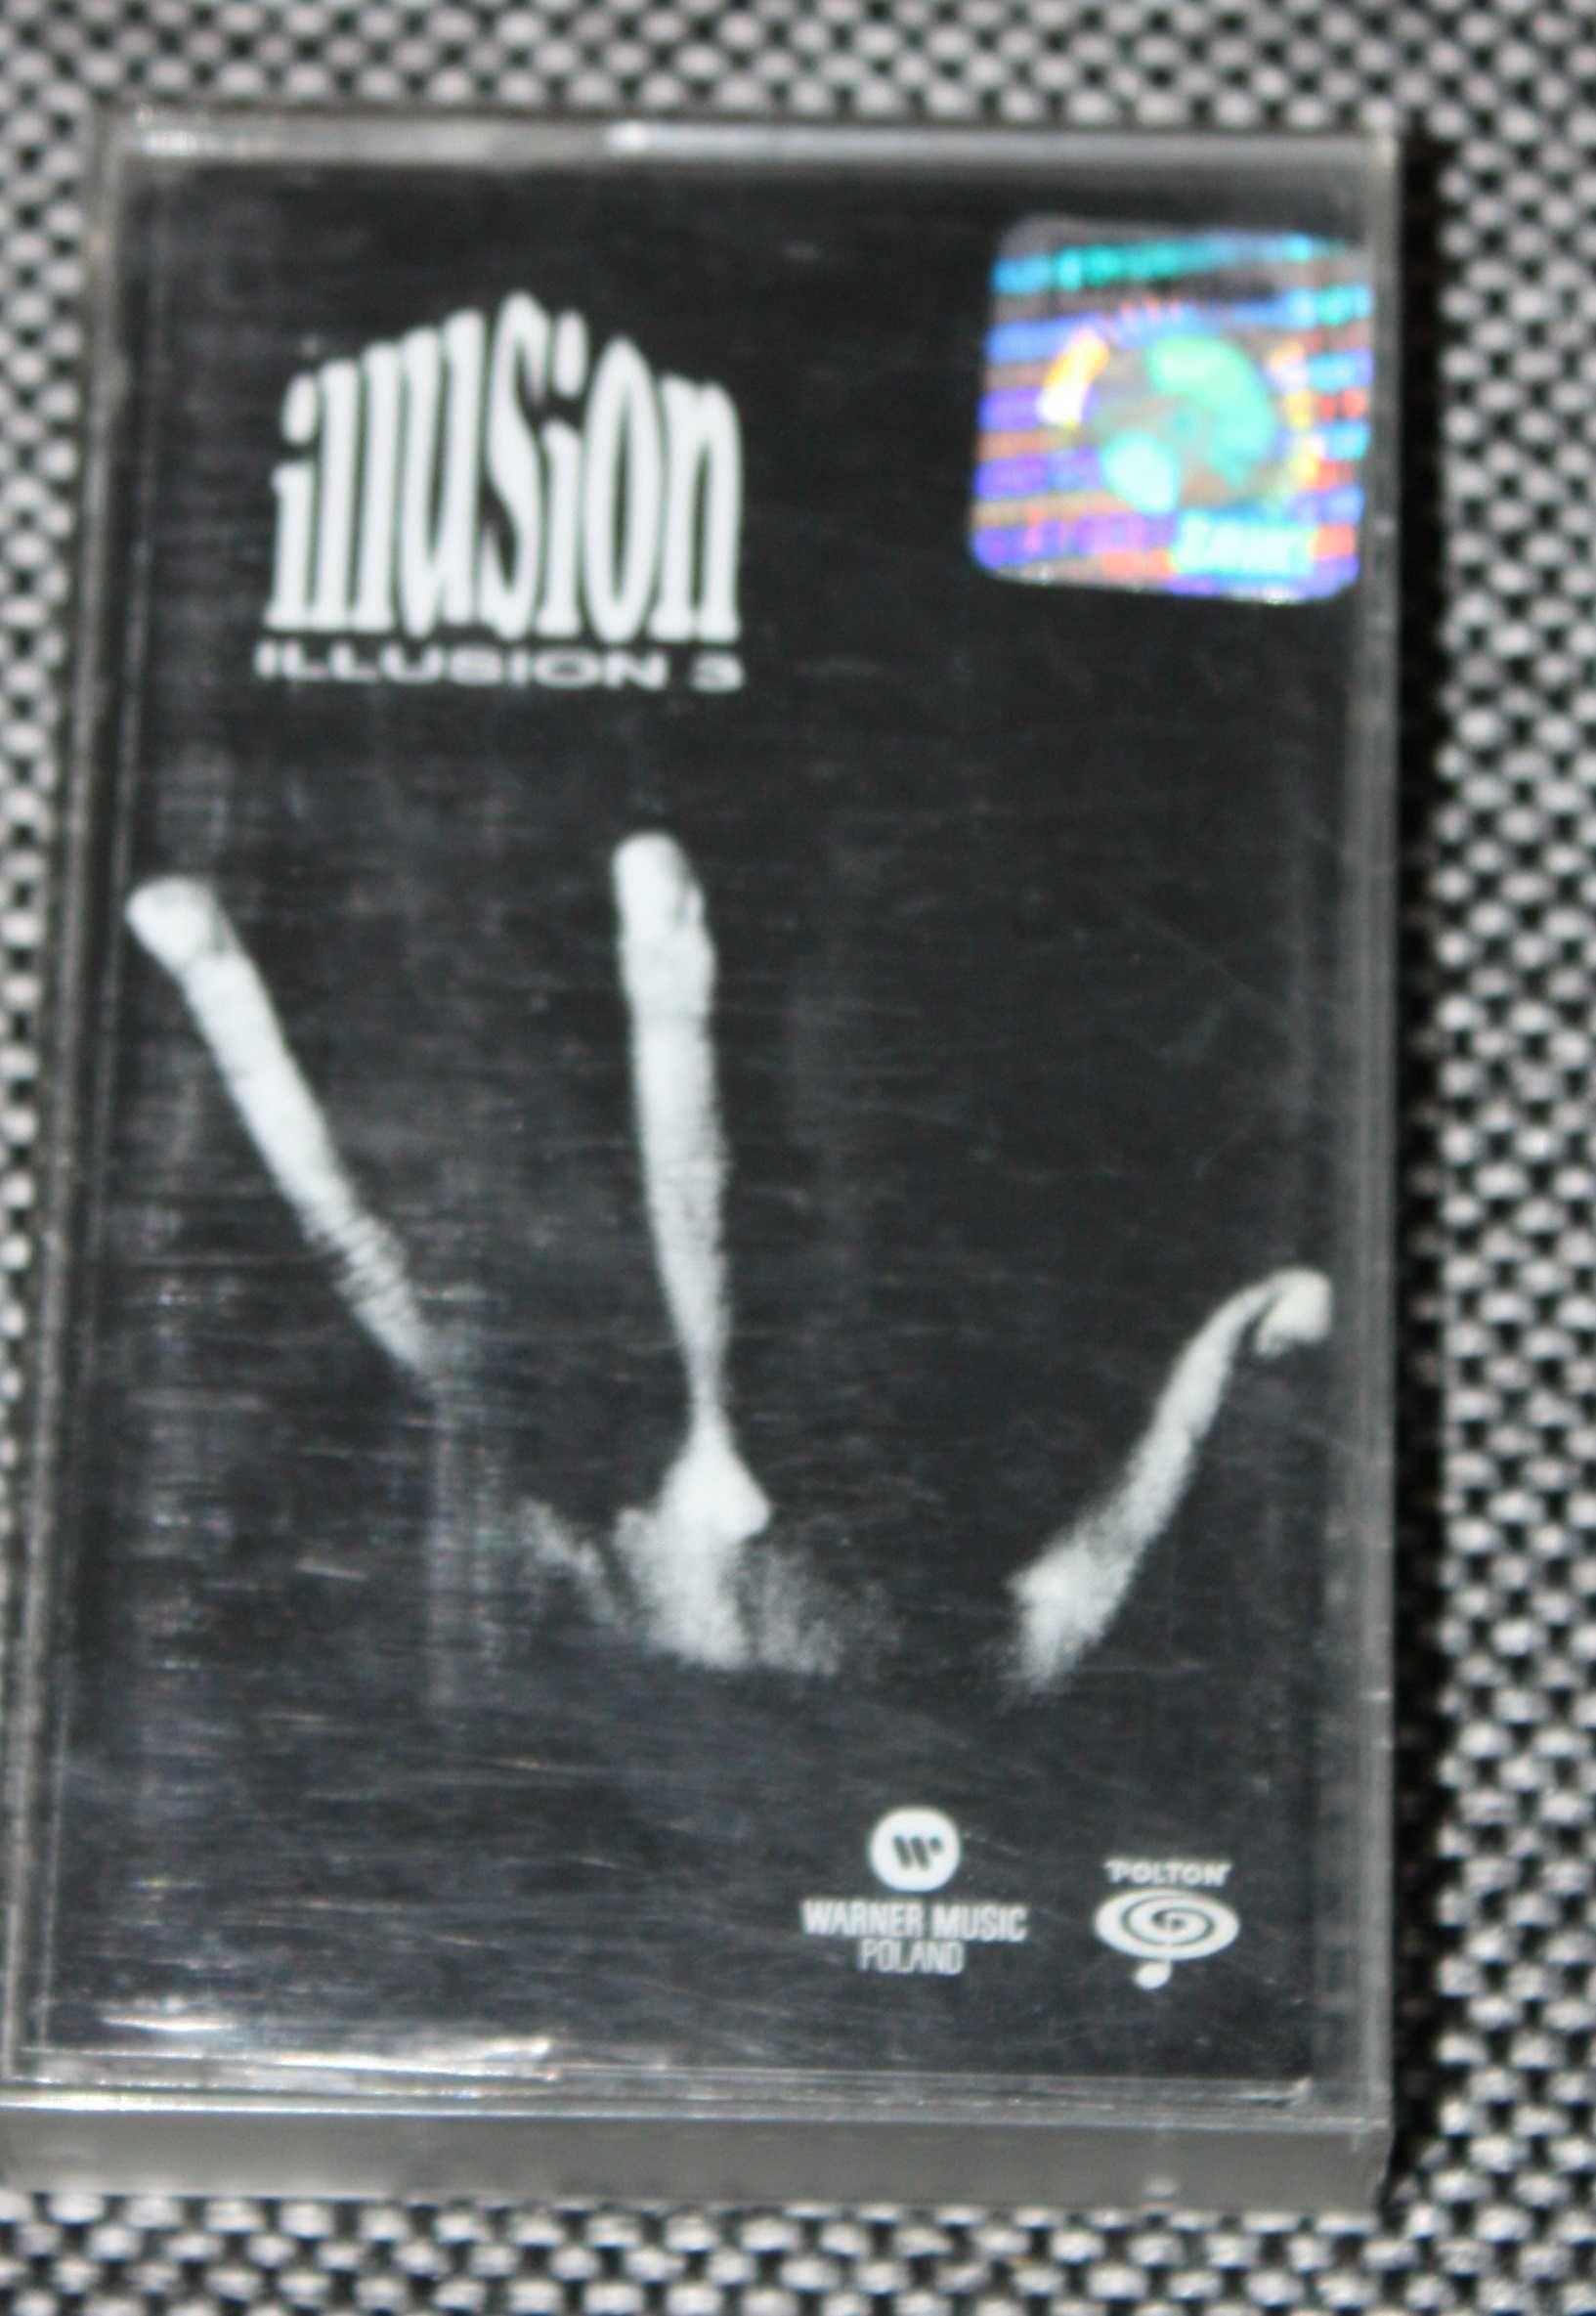 Kaseta magnetofonowa Illusion 3